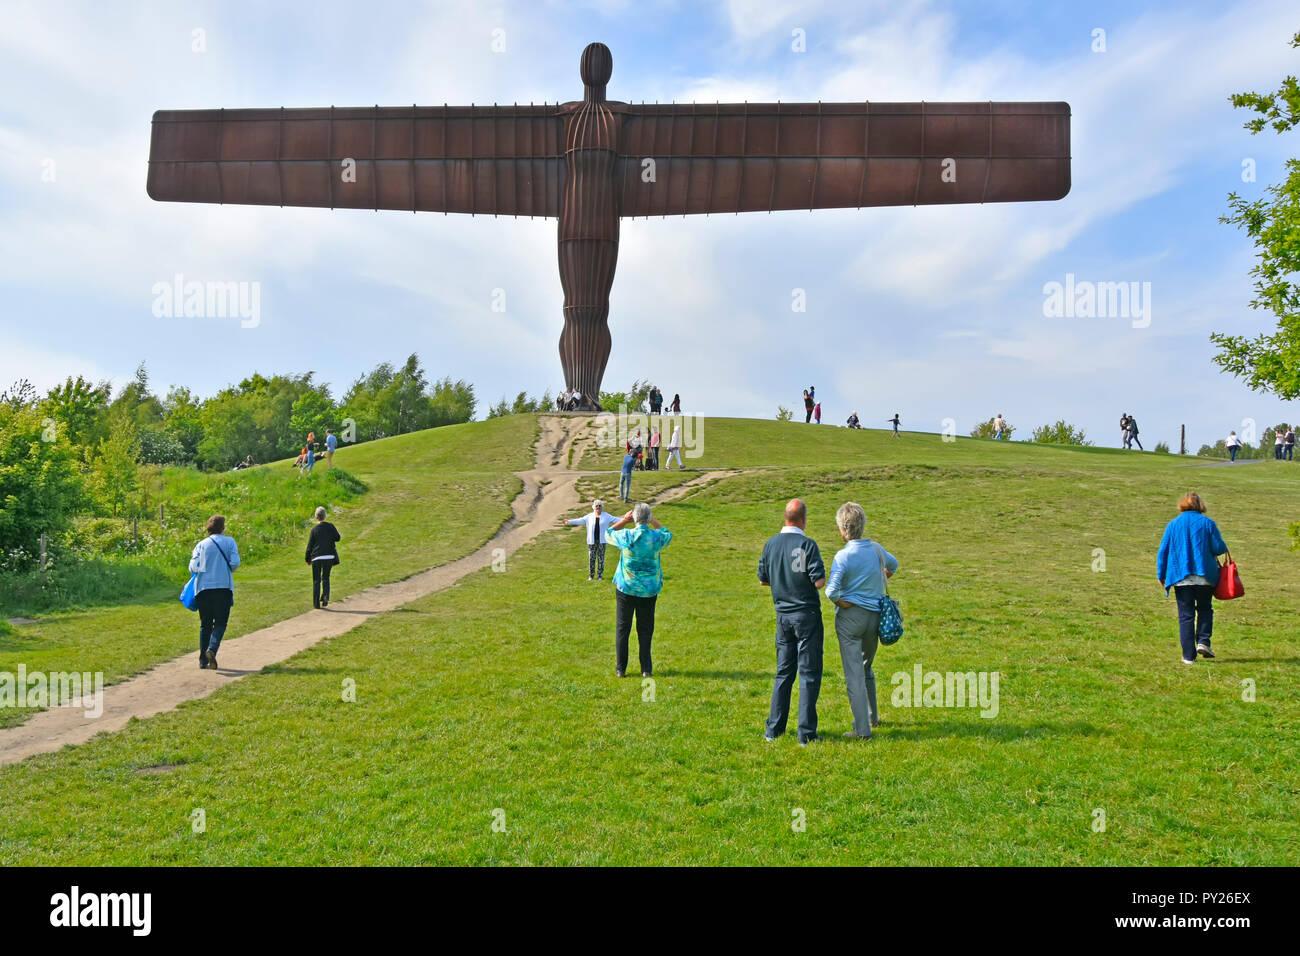 Rusty suchen iconic Corten Stahl Sehenswürdigkeit Skulptur Engel des Nordens von Antony Gormley Menschen Touristen posieren & Fotos Gateshead England Großbritannien Stockbild